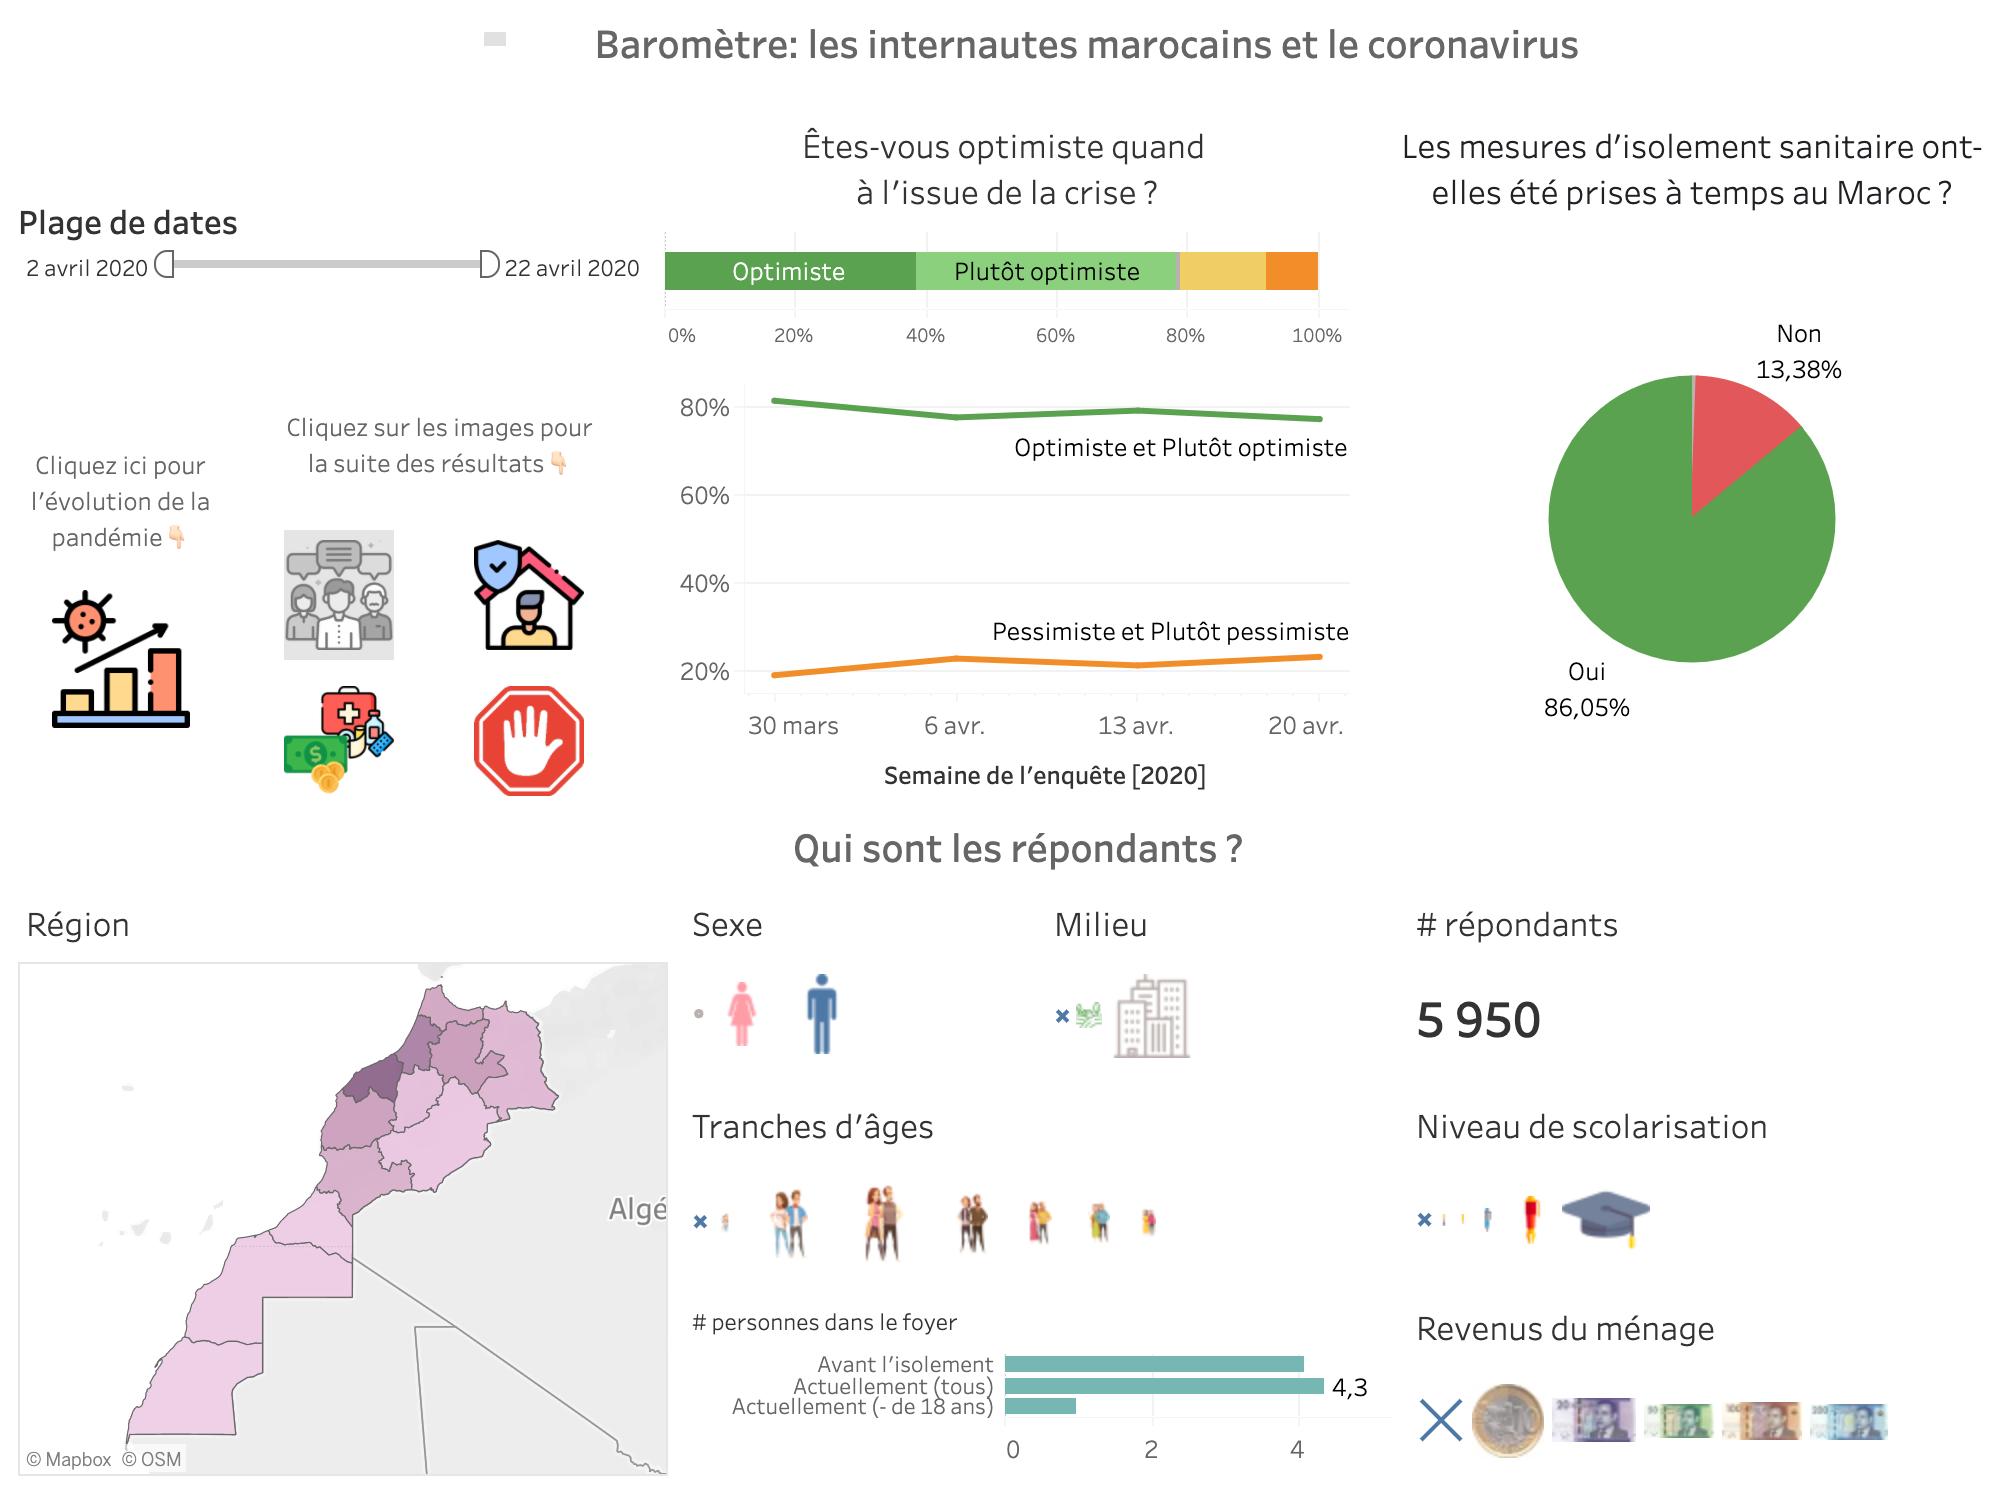 DataViz Baromètre web marocains et coronavirus